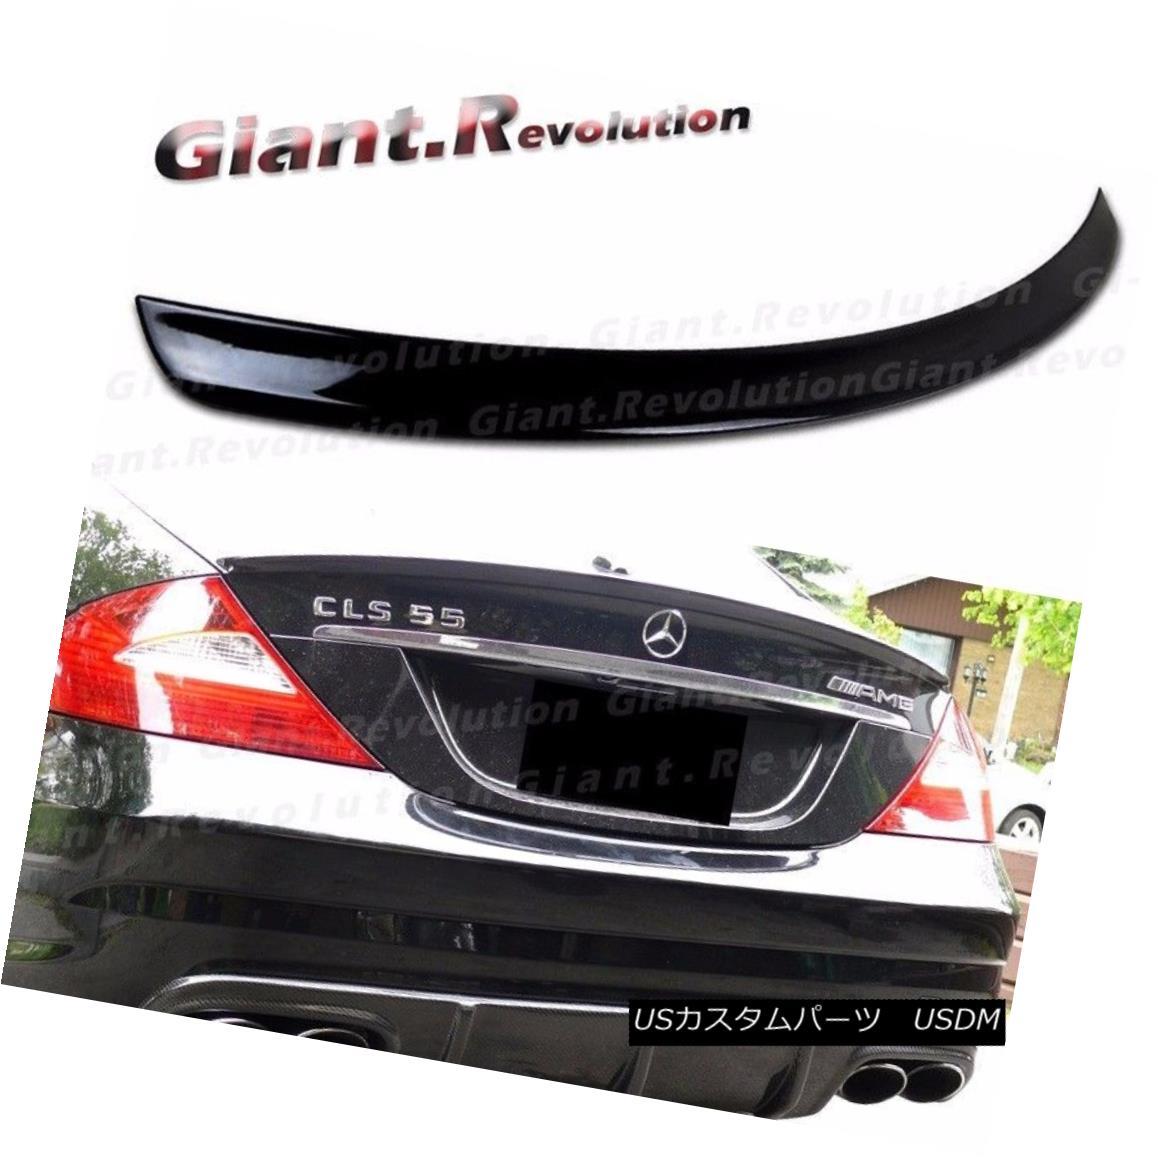 エアロパーツ #040 BLACK 04-2010 BENZ W219 A Look Trunk Spoiler CLS550 CLS63 Sedan Add On Boot #040 BLACK 04-2010 BENZ W219ルック・トランク・スポイラーCLS550 CLS63 Sedan Add On Boot